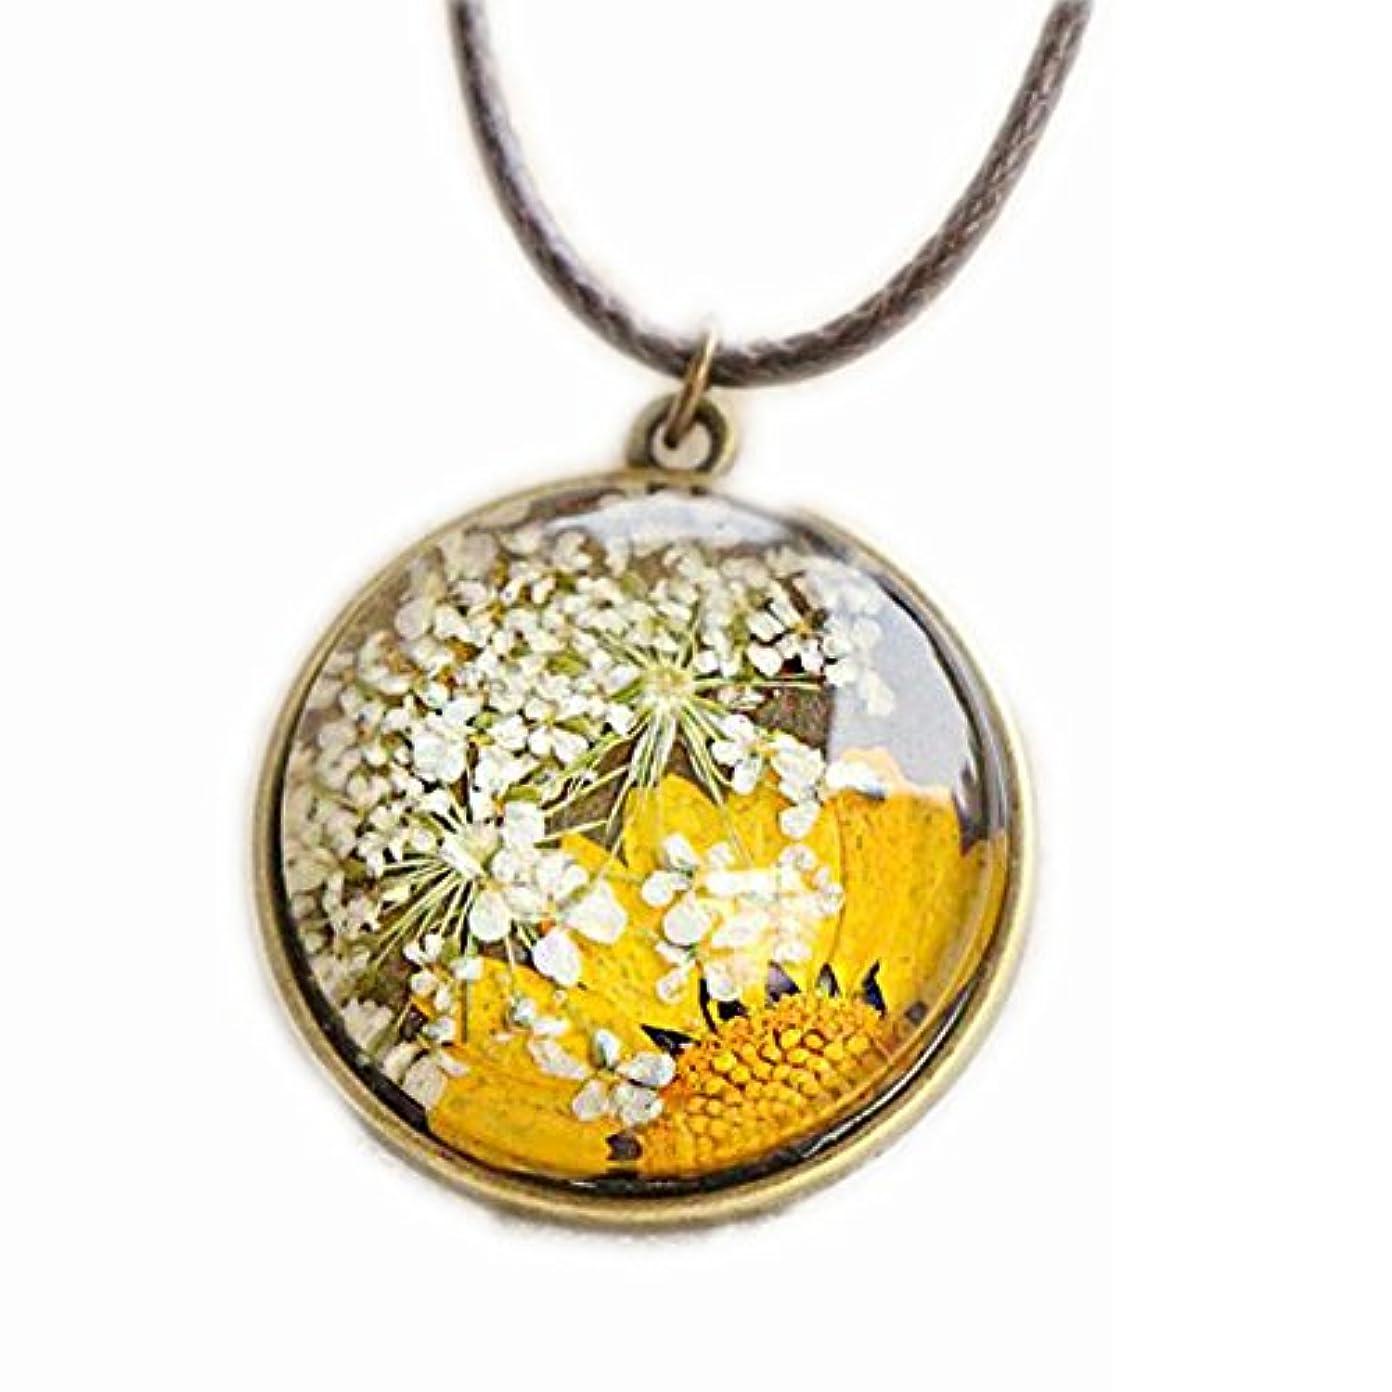 所属挨拶する自動化衣類のための2つの良い乾燥した花のペンダントネックレスの良い装飾のセット